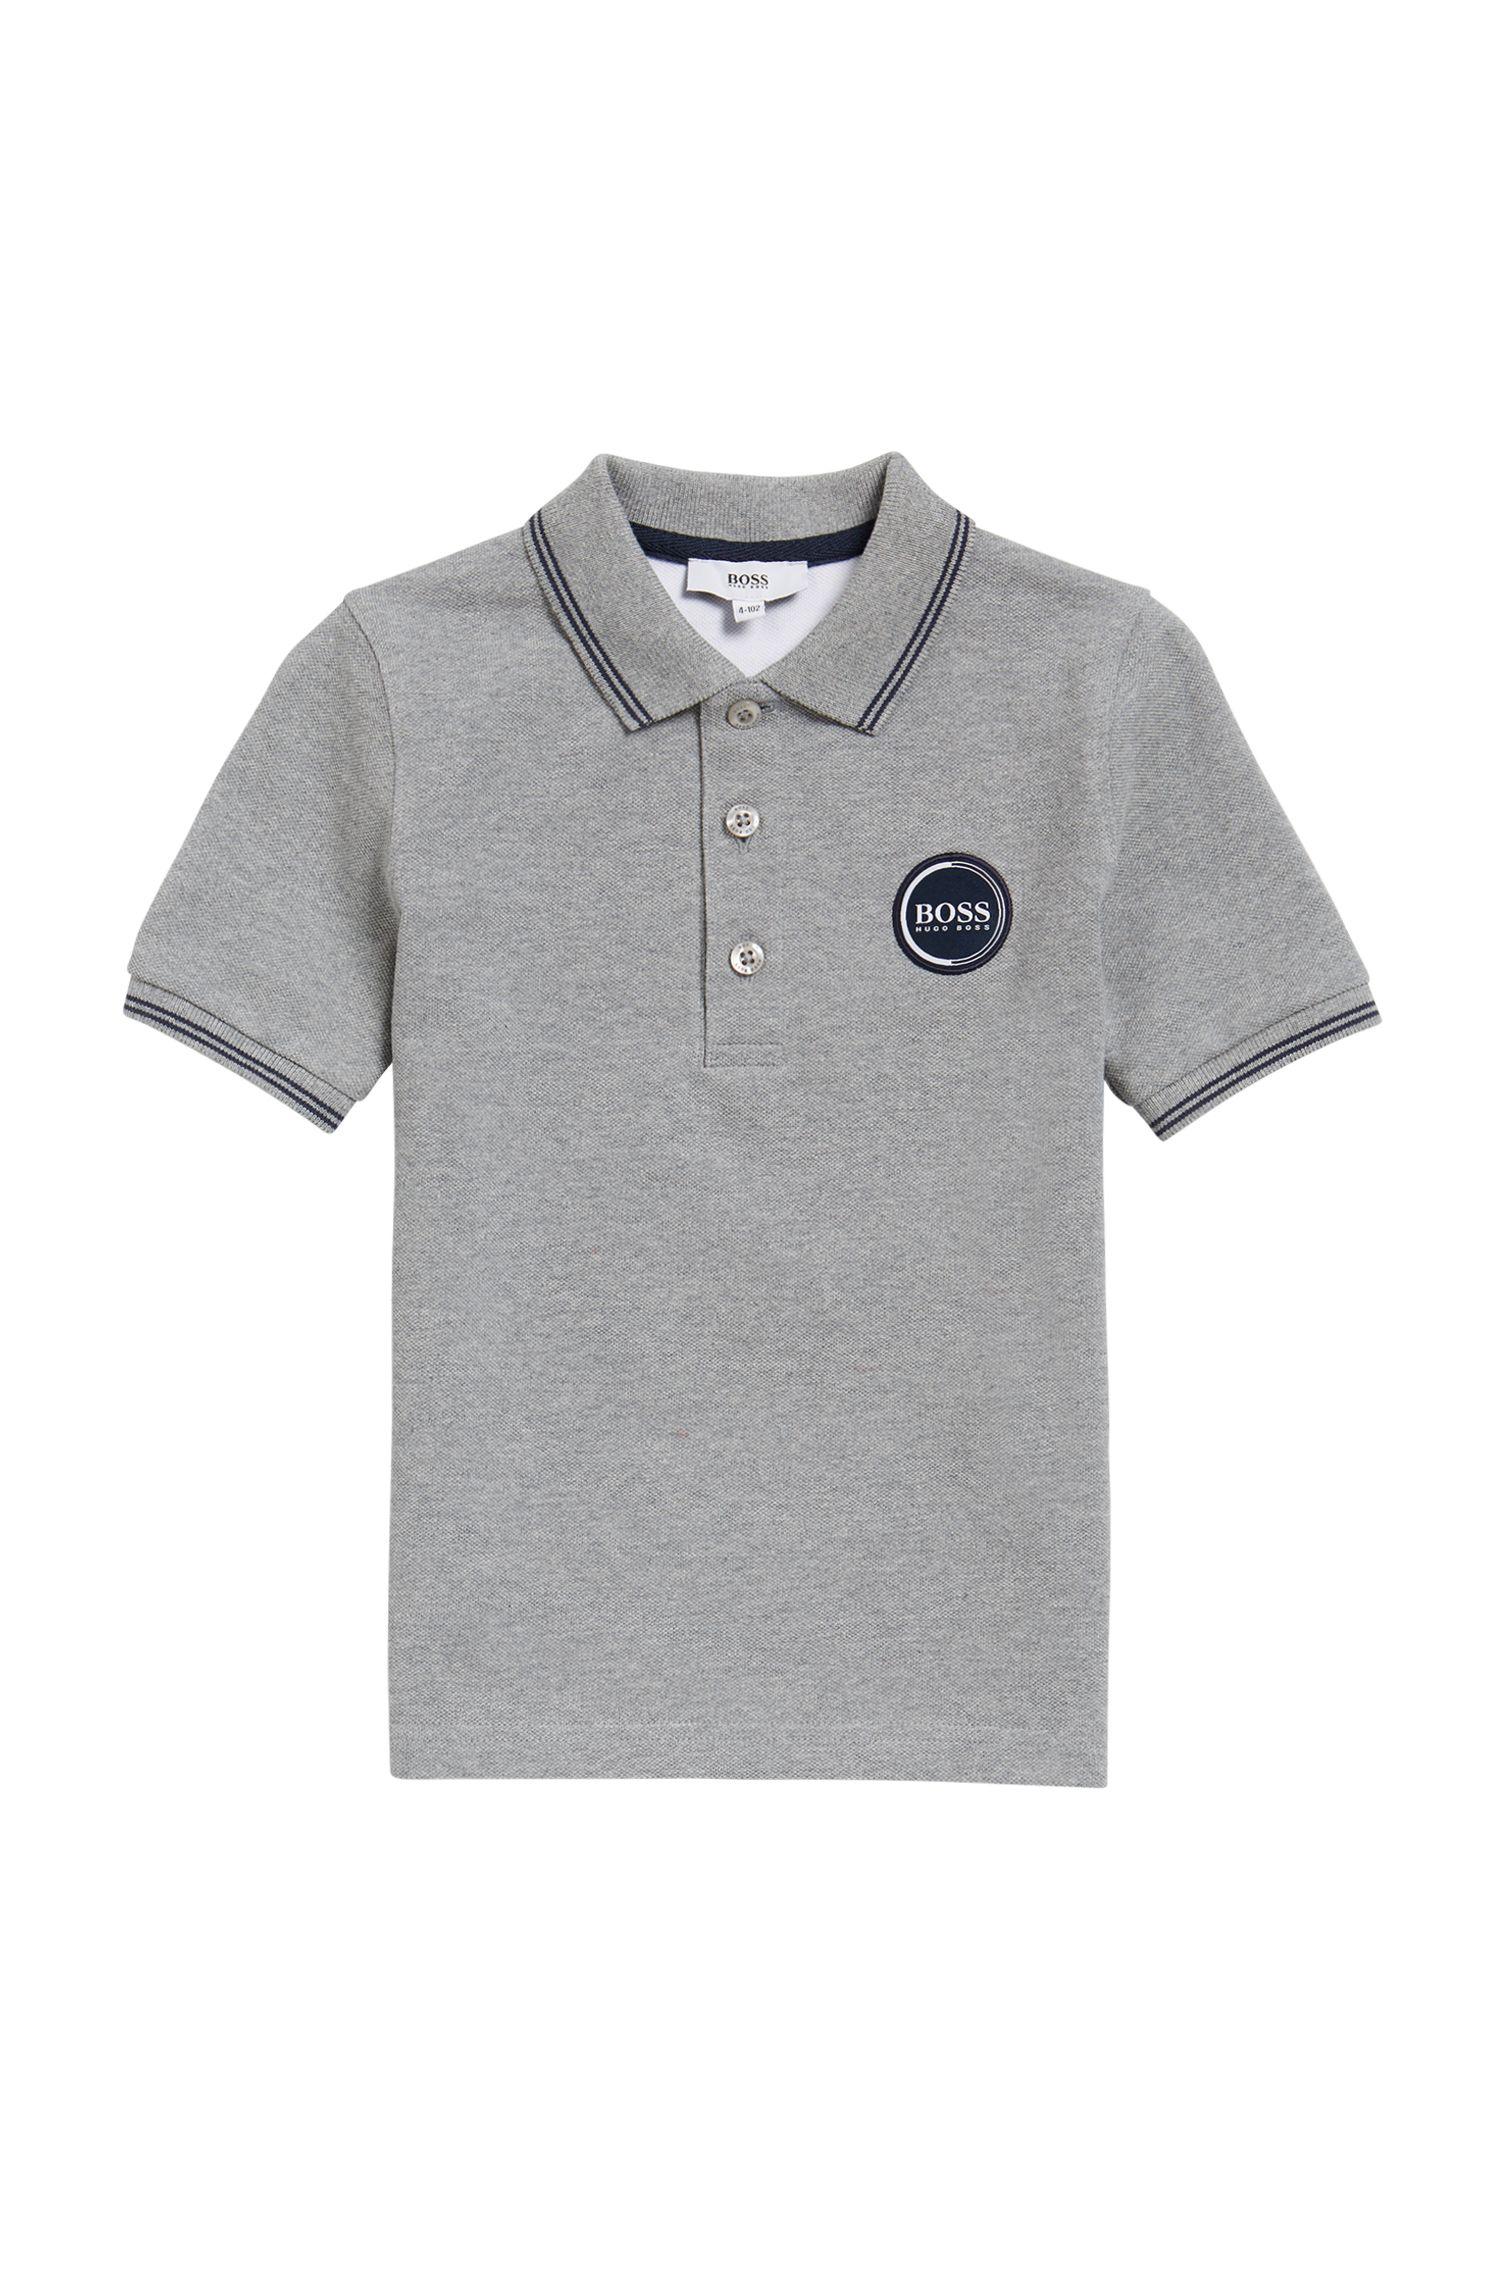 Kids-Poloshirt aus Baumwoll-Piqué